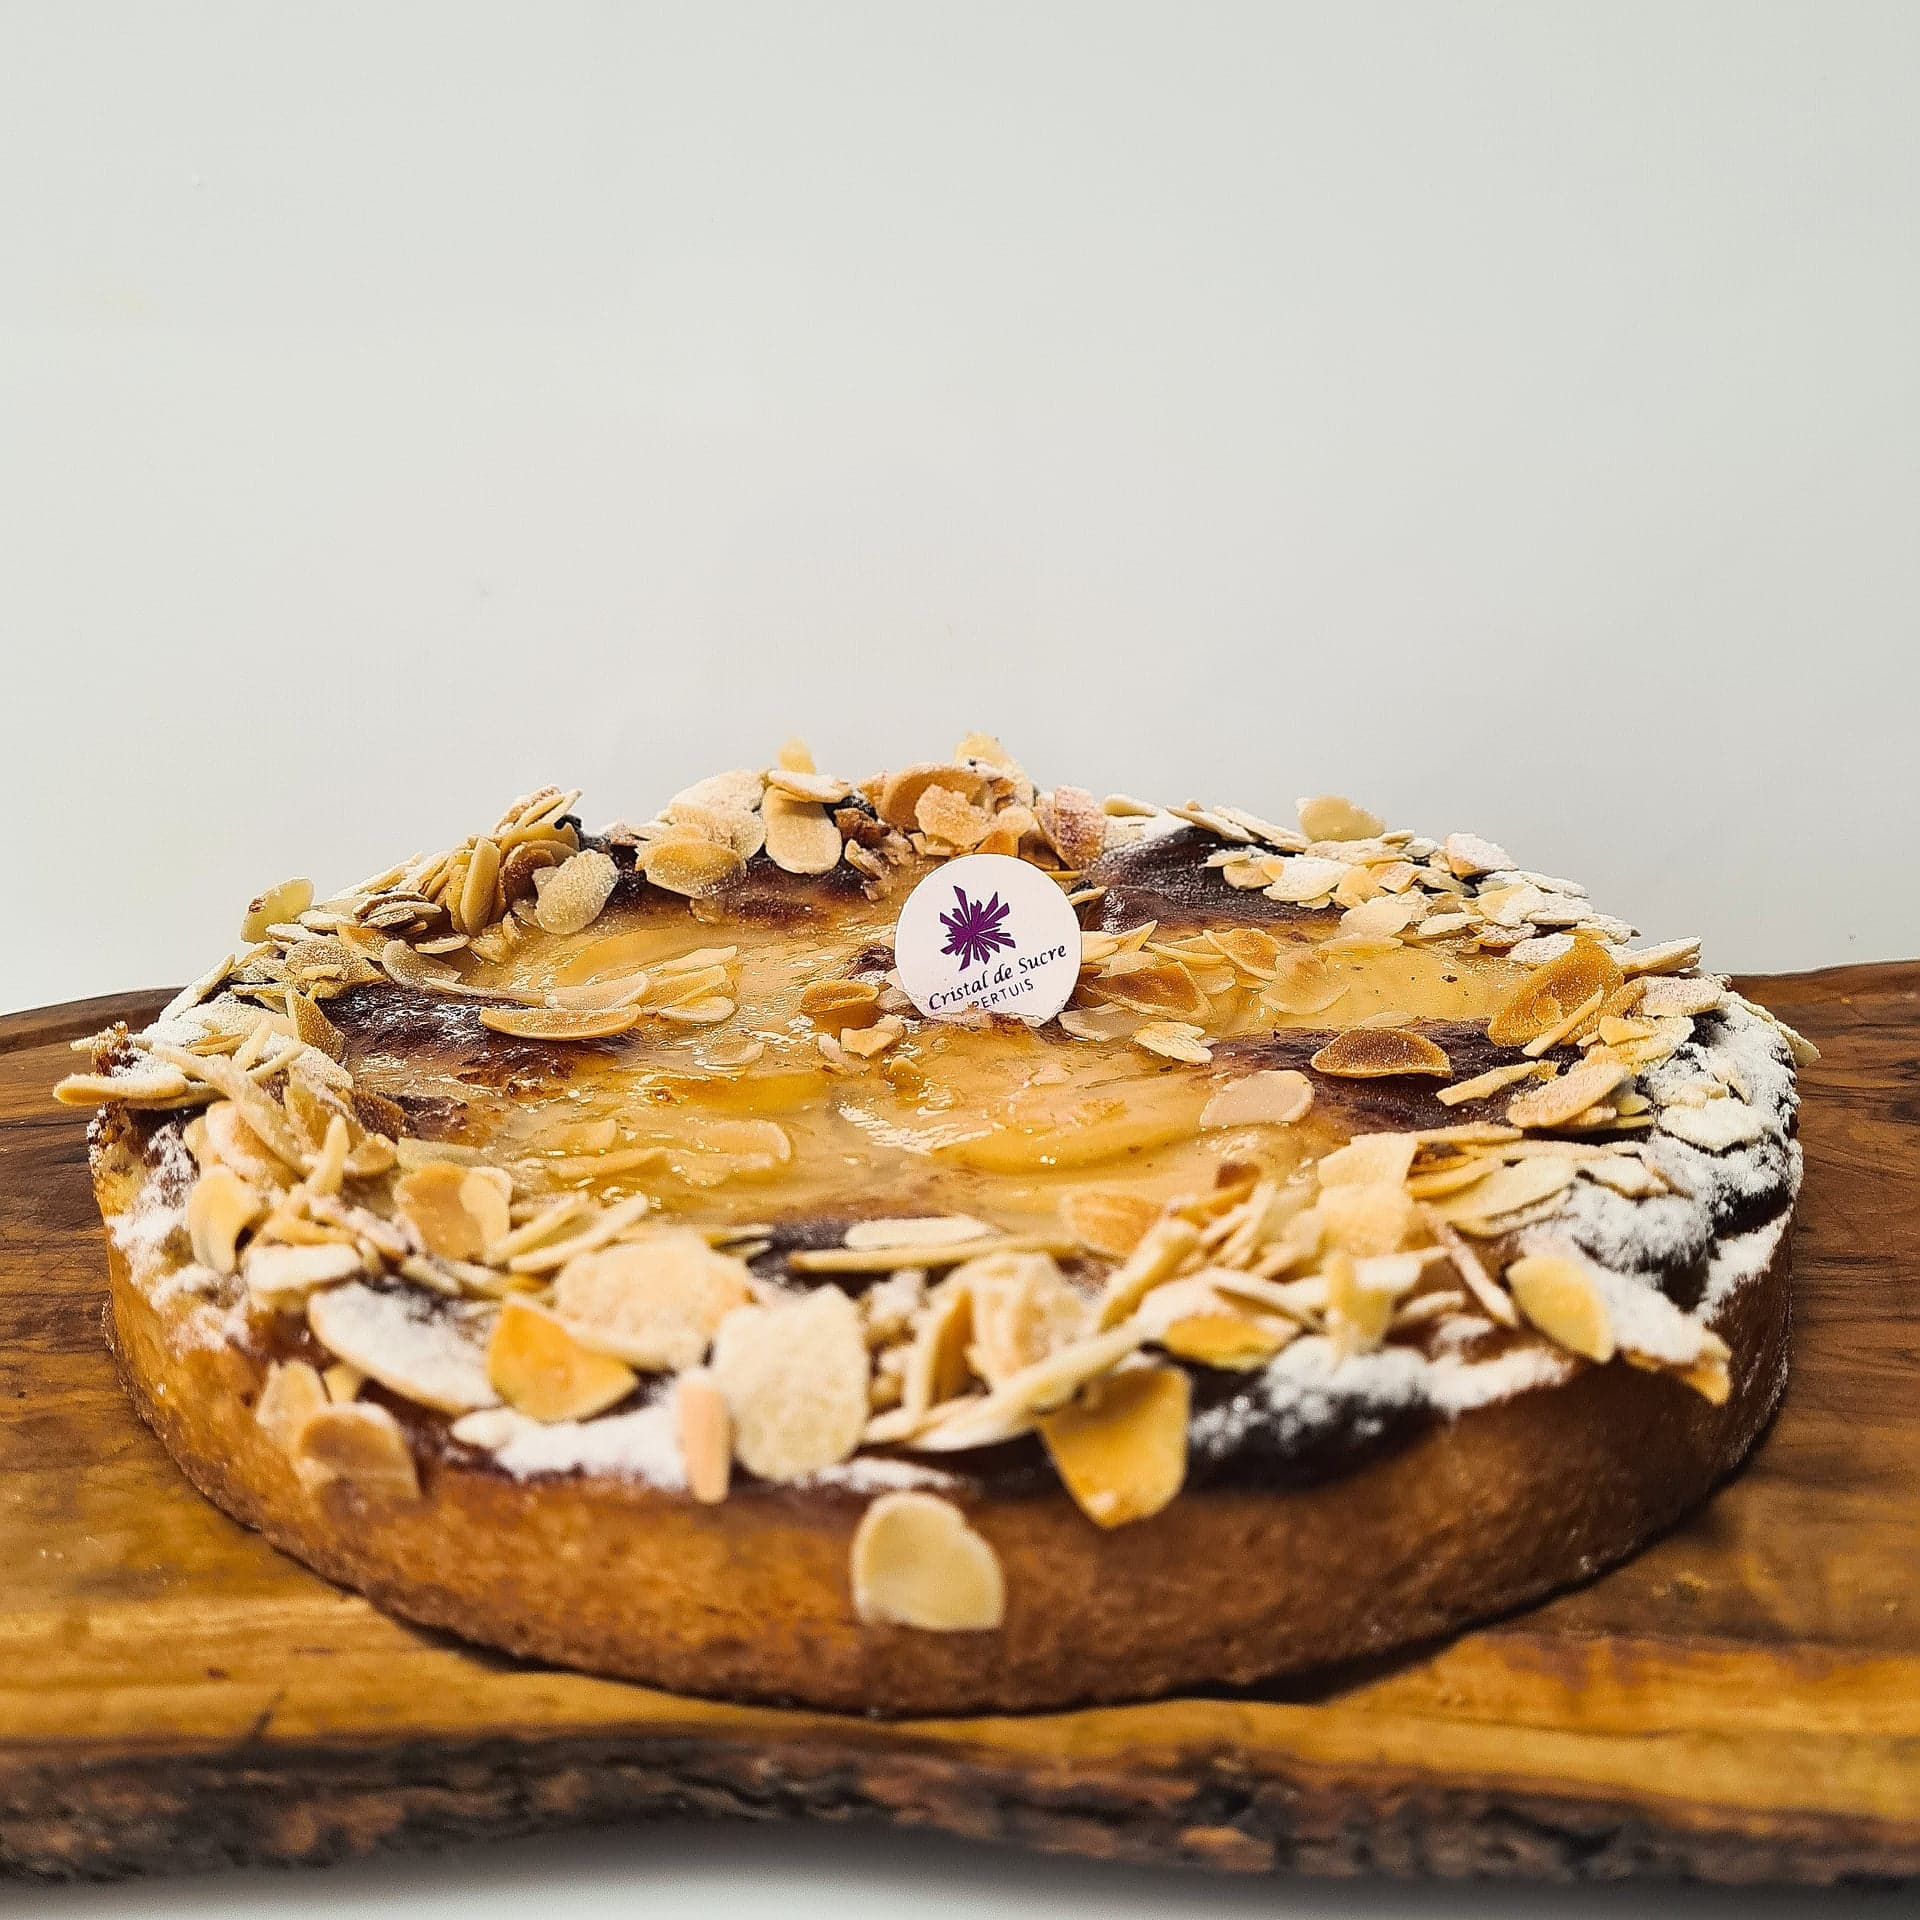 Pâte sucrée, crème d'amande, poires, amandes effilées 4 pers. 18 € 6 pers. 27 € 8 pers. 36 € 10 pers. ou plus, nous contacter